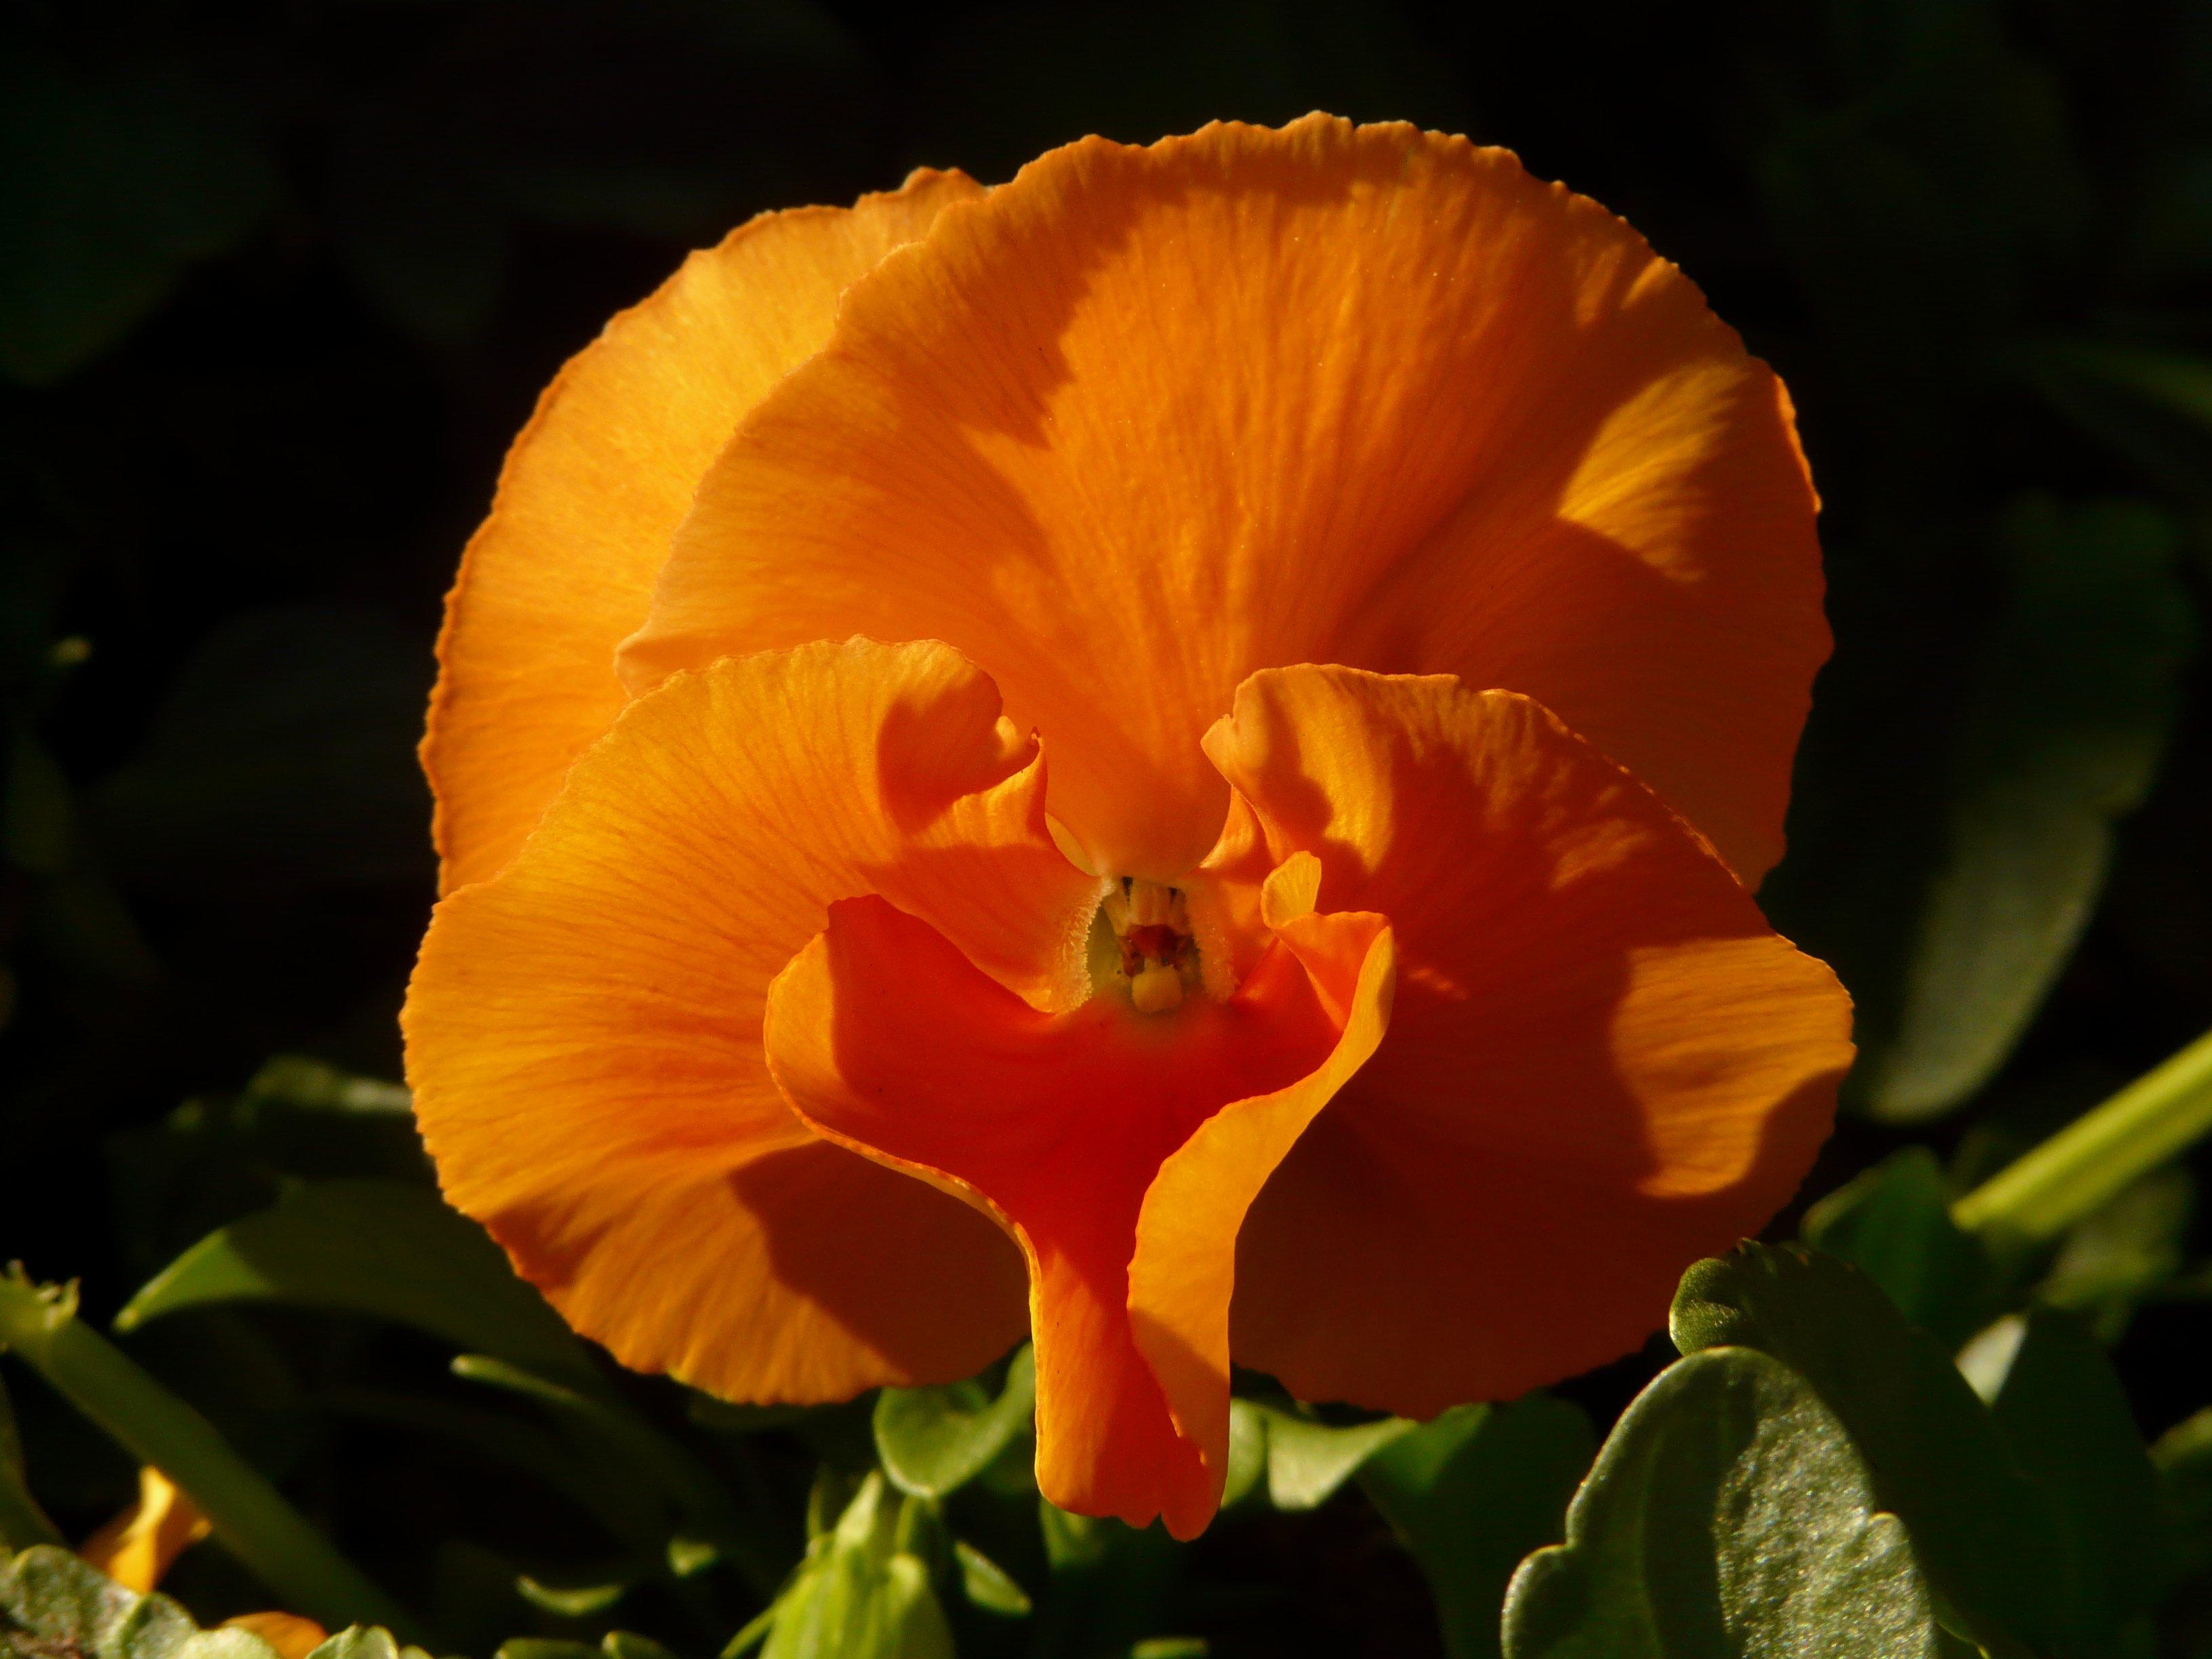 Images Gratuites Fleur Petale Floraison Orange Botanique